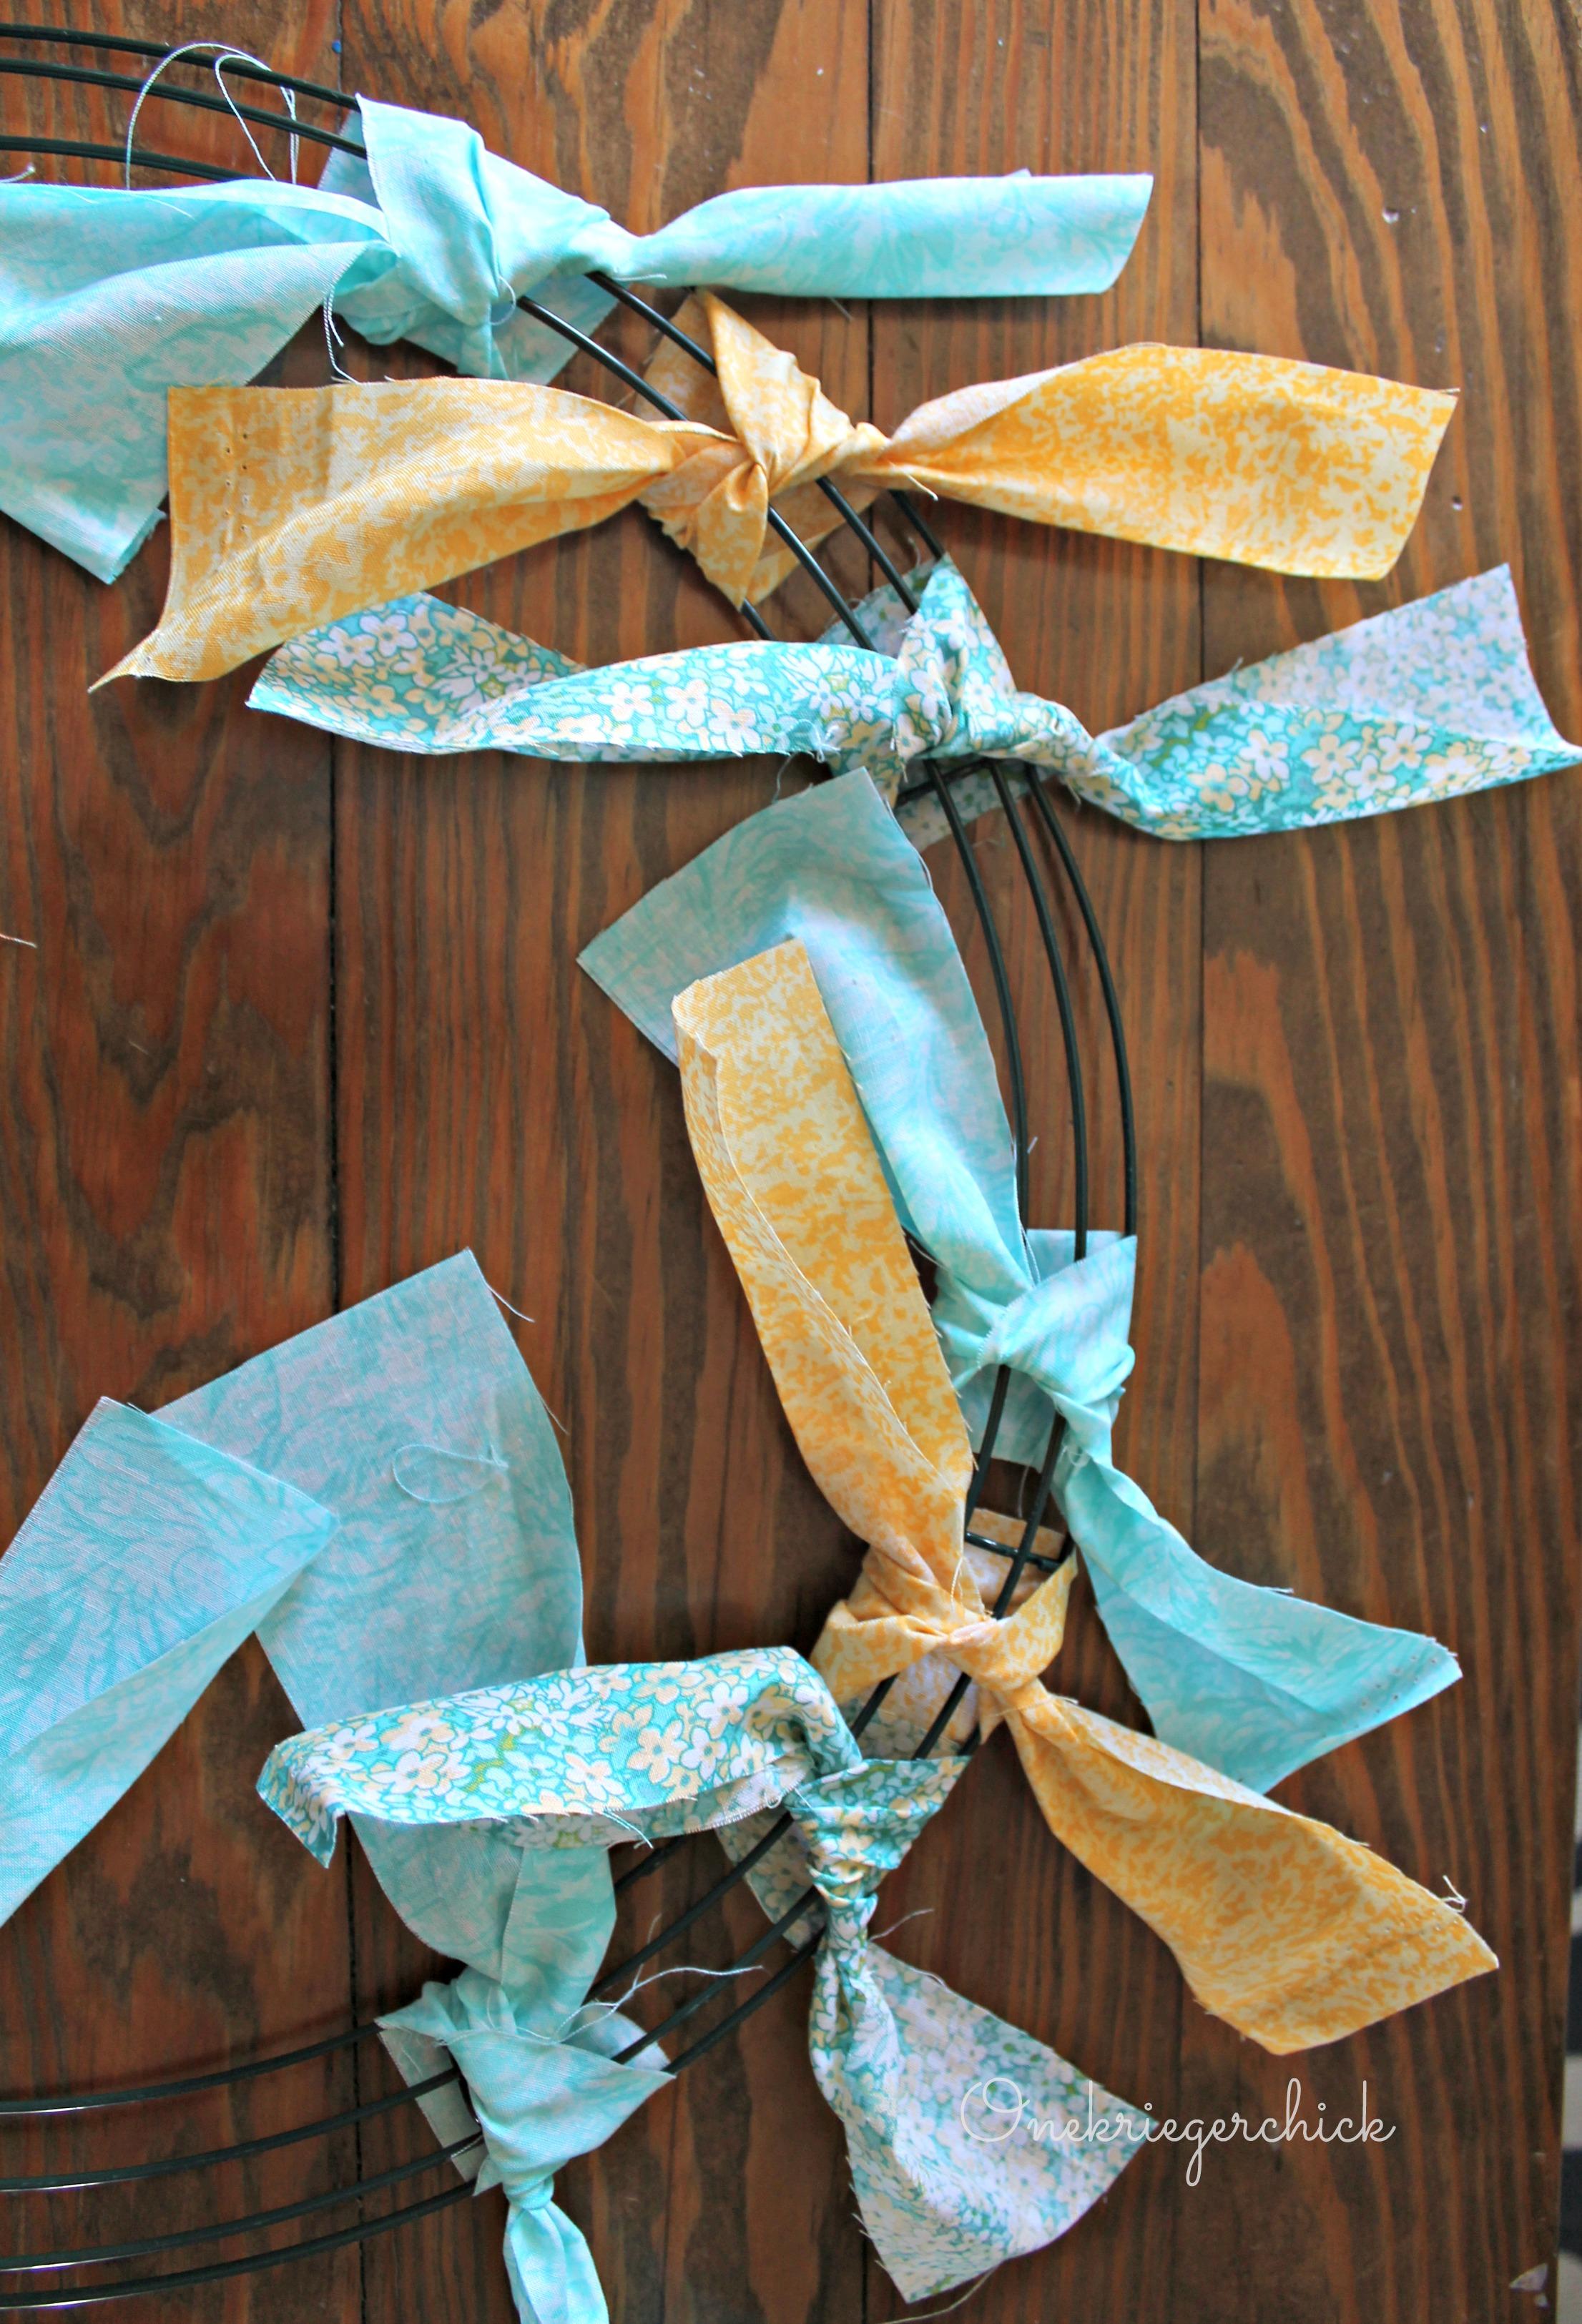 EASY} DIY Fabric Scrap Wreath - onekriegerchick